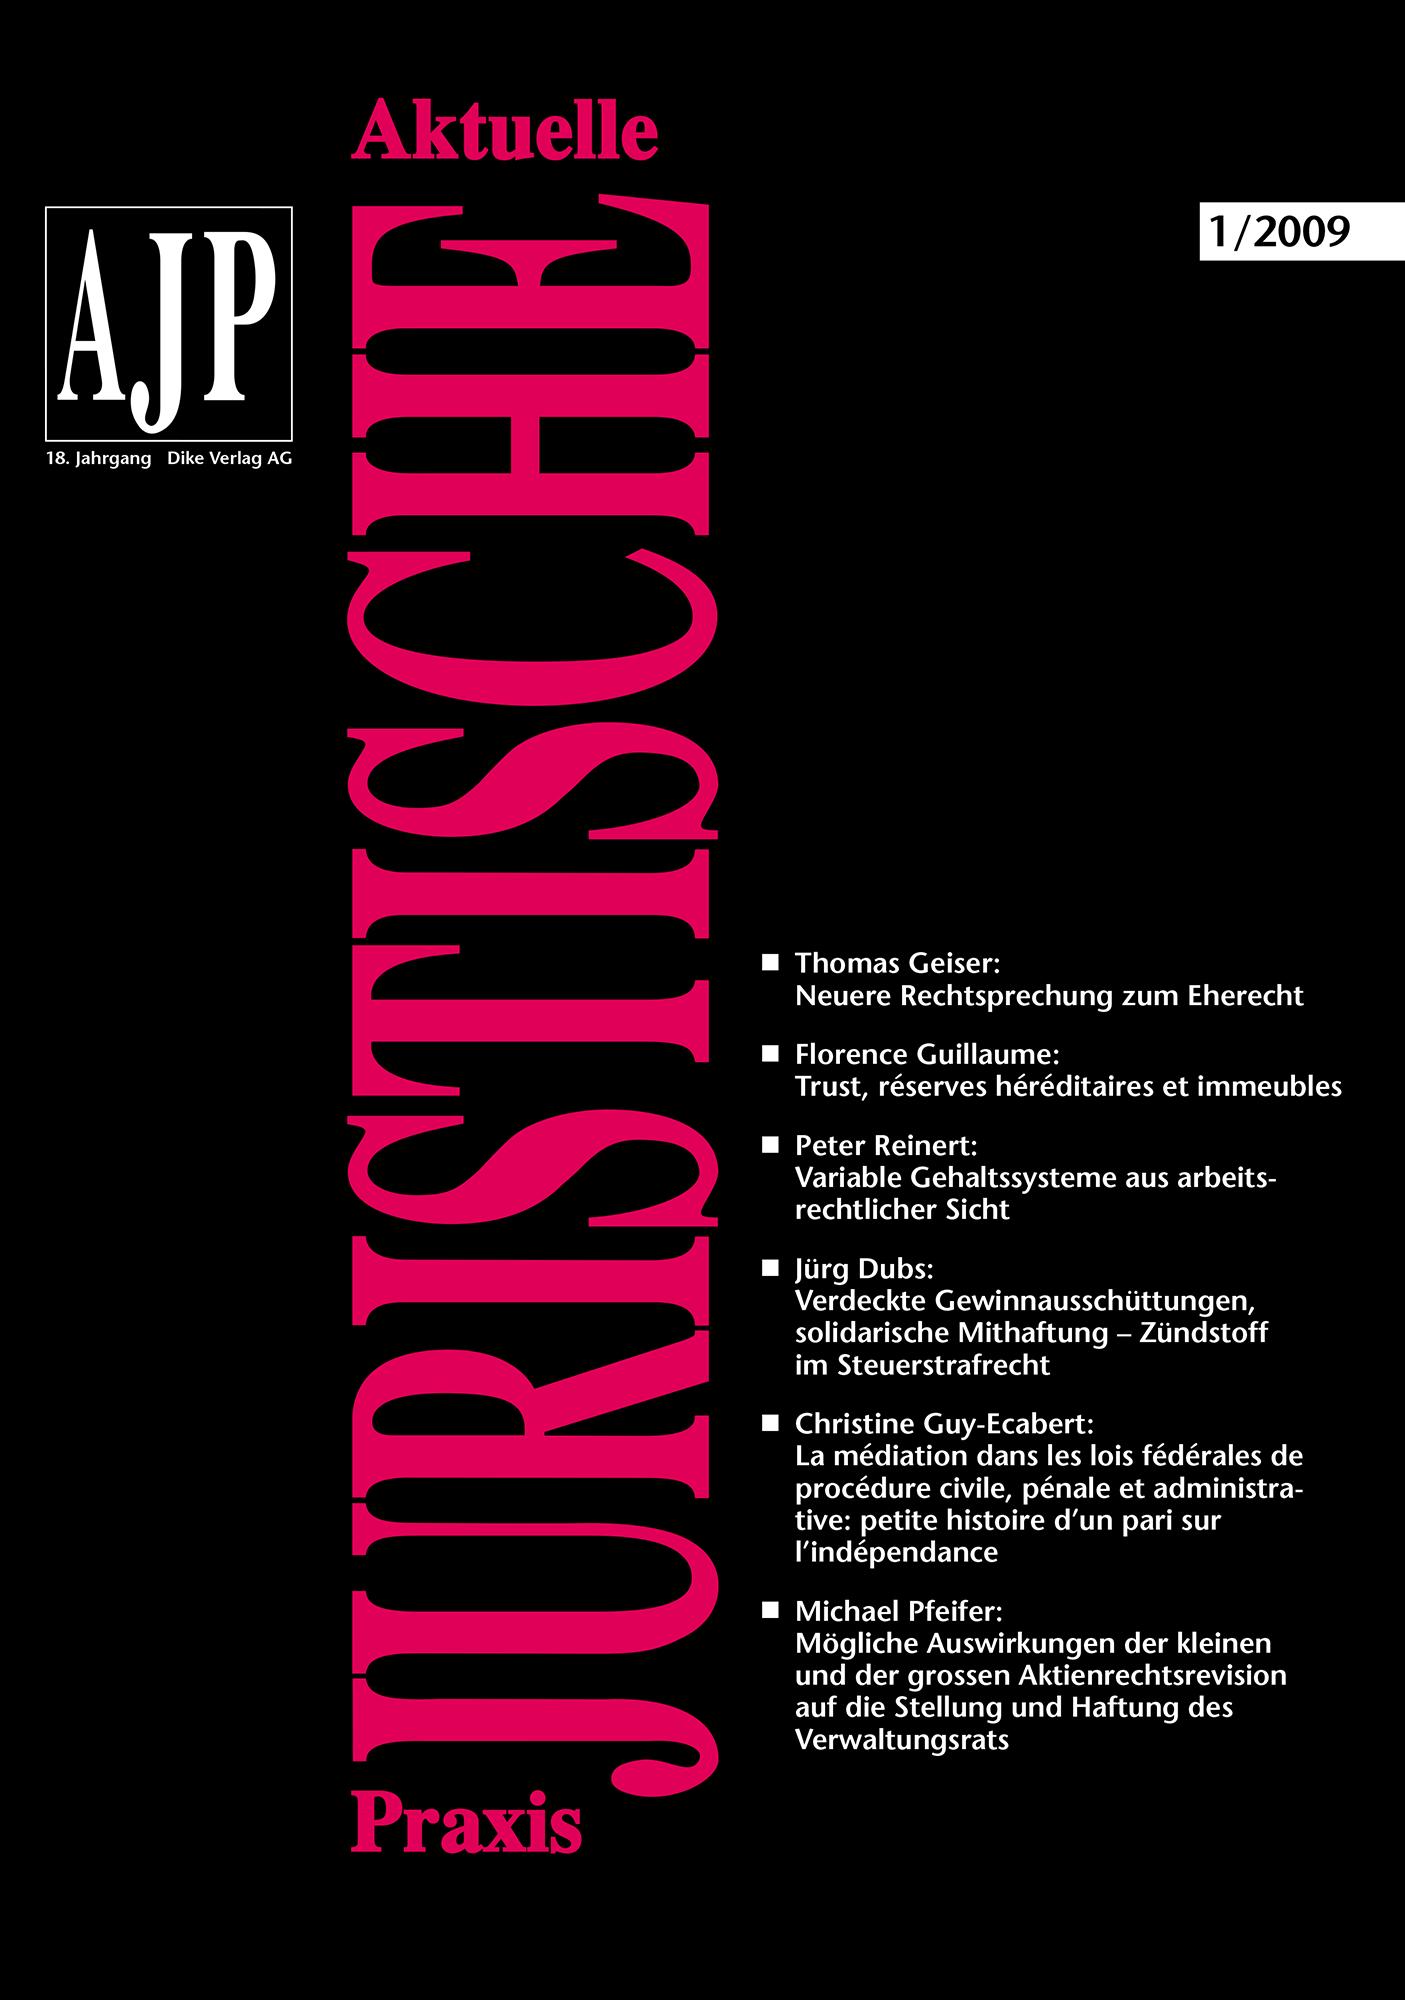 AJP/PJA 01/2009